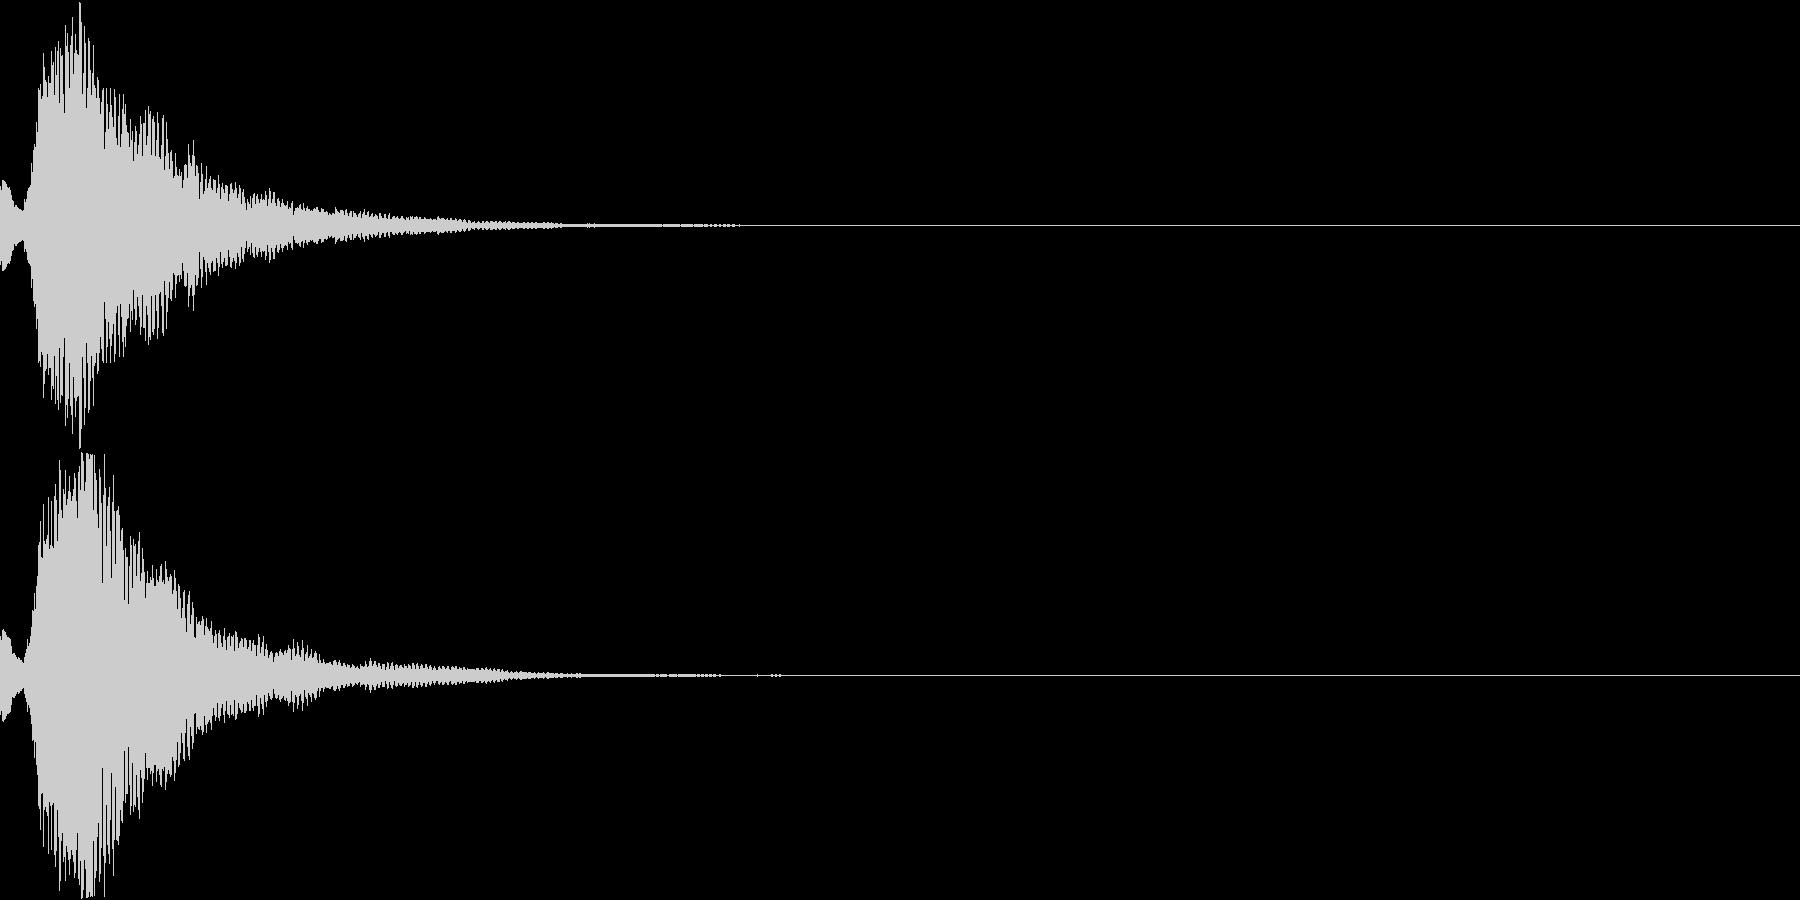 刀 キーン 剣 リアル インパクト Mの未再生の波形